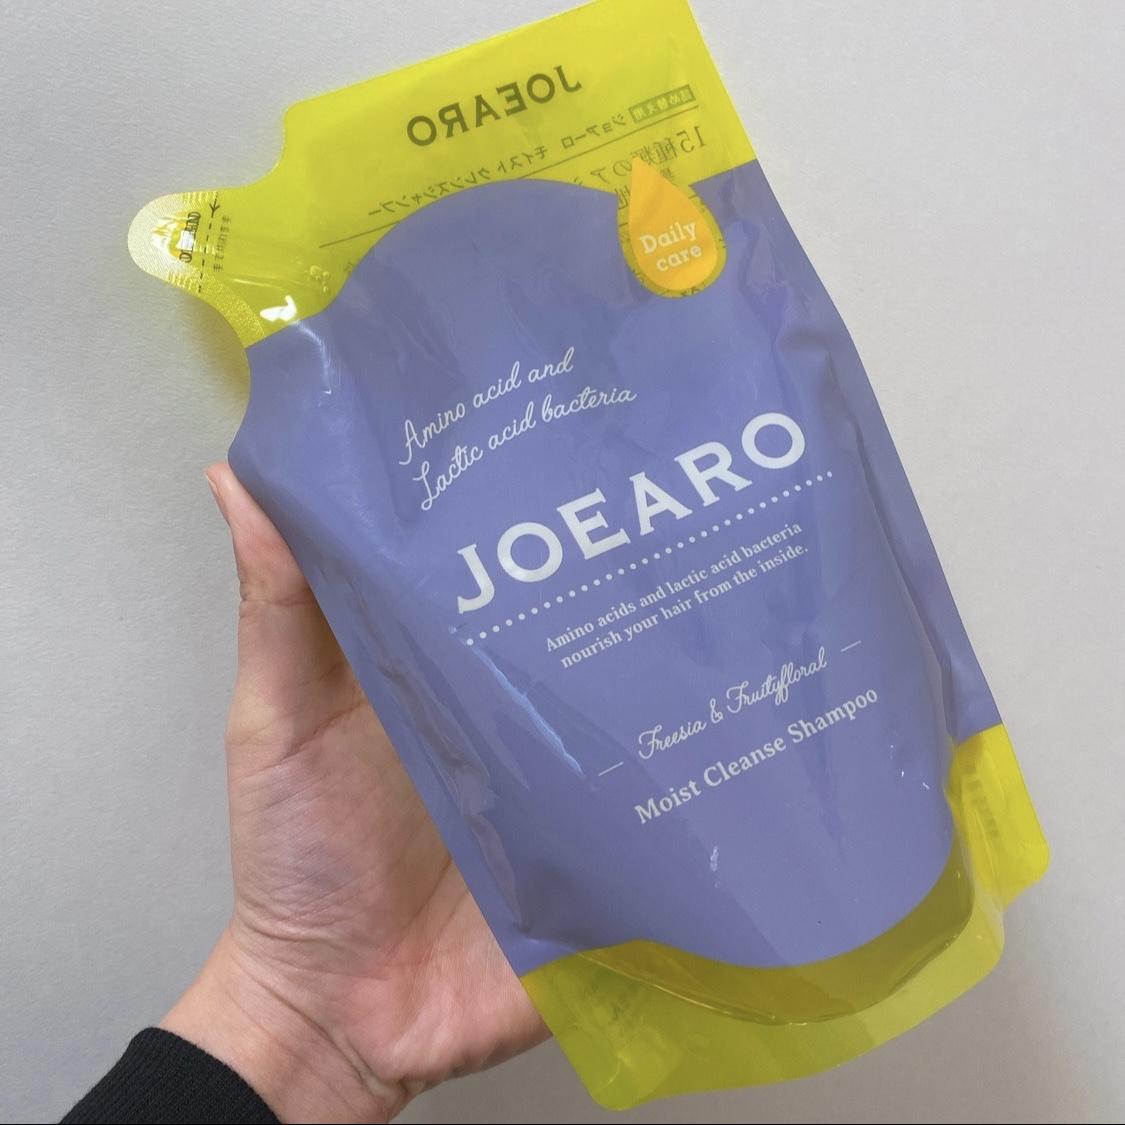 JOEARO(ジョアーロ) モイストクレンズシャンプーを使ったちーこすさんのクチコミ画像